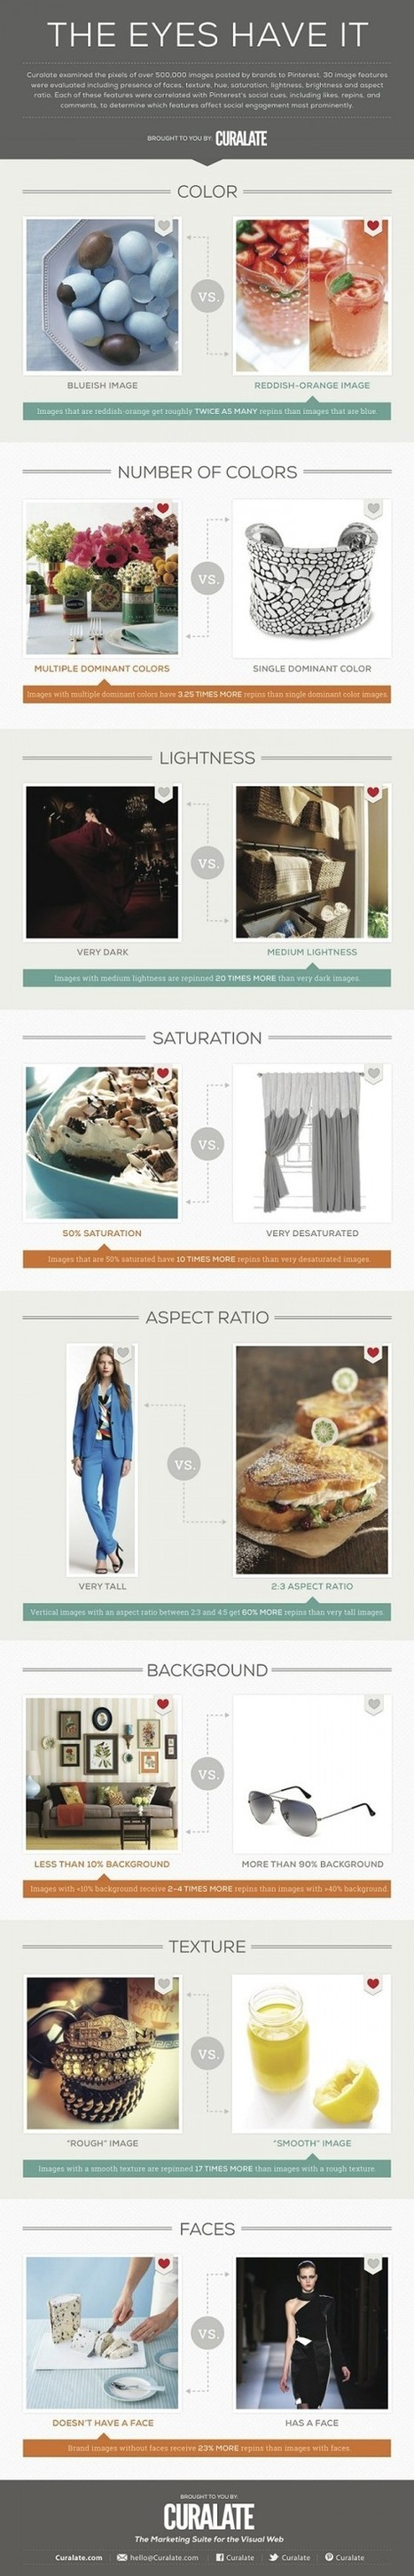 Comment Optimiser vos Images pour Augmenter les Repins sur Pinterest? - Emarketinglicious | Pinterest plateforme social média | Scoop.it